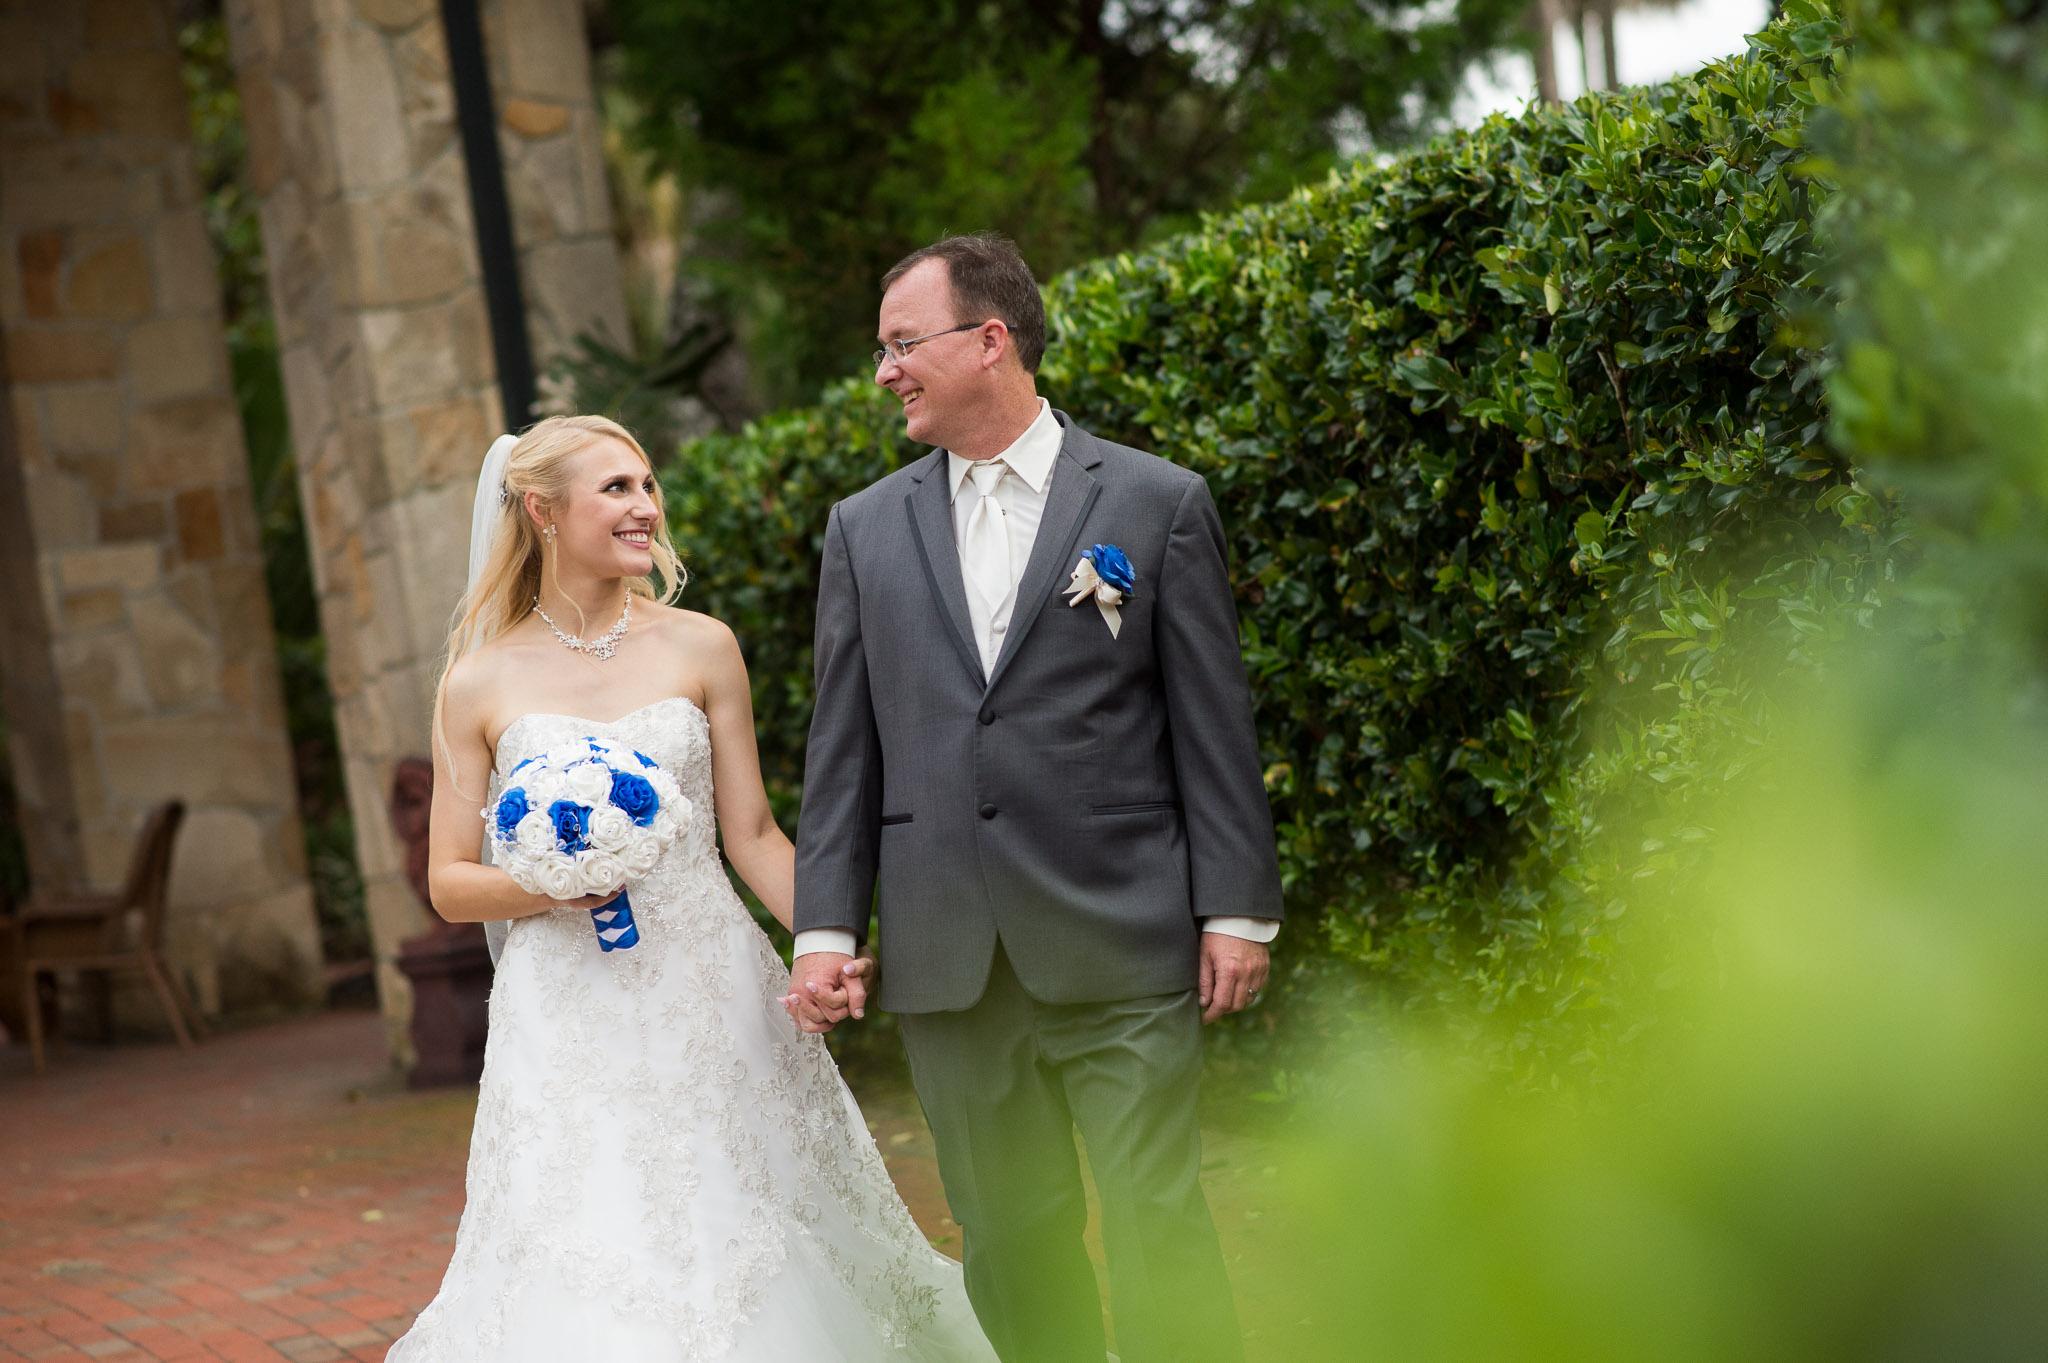 Daytona Wedding Photography